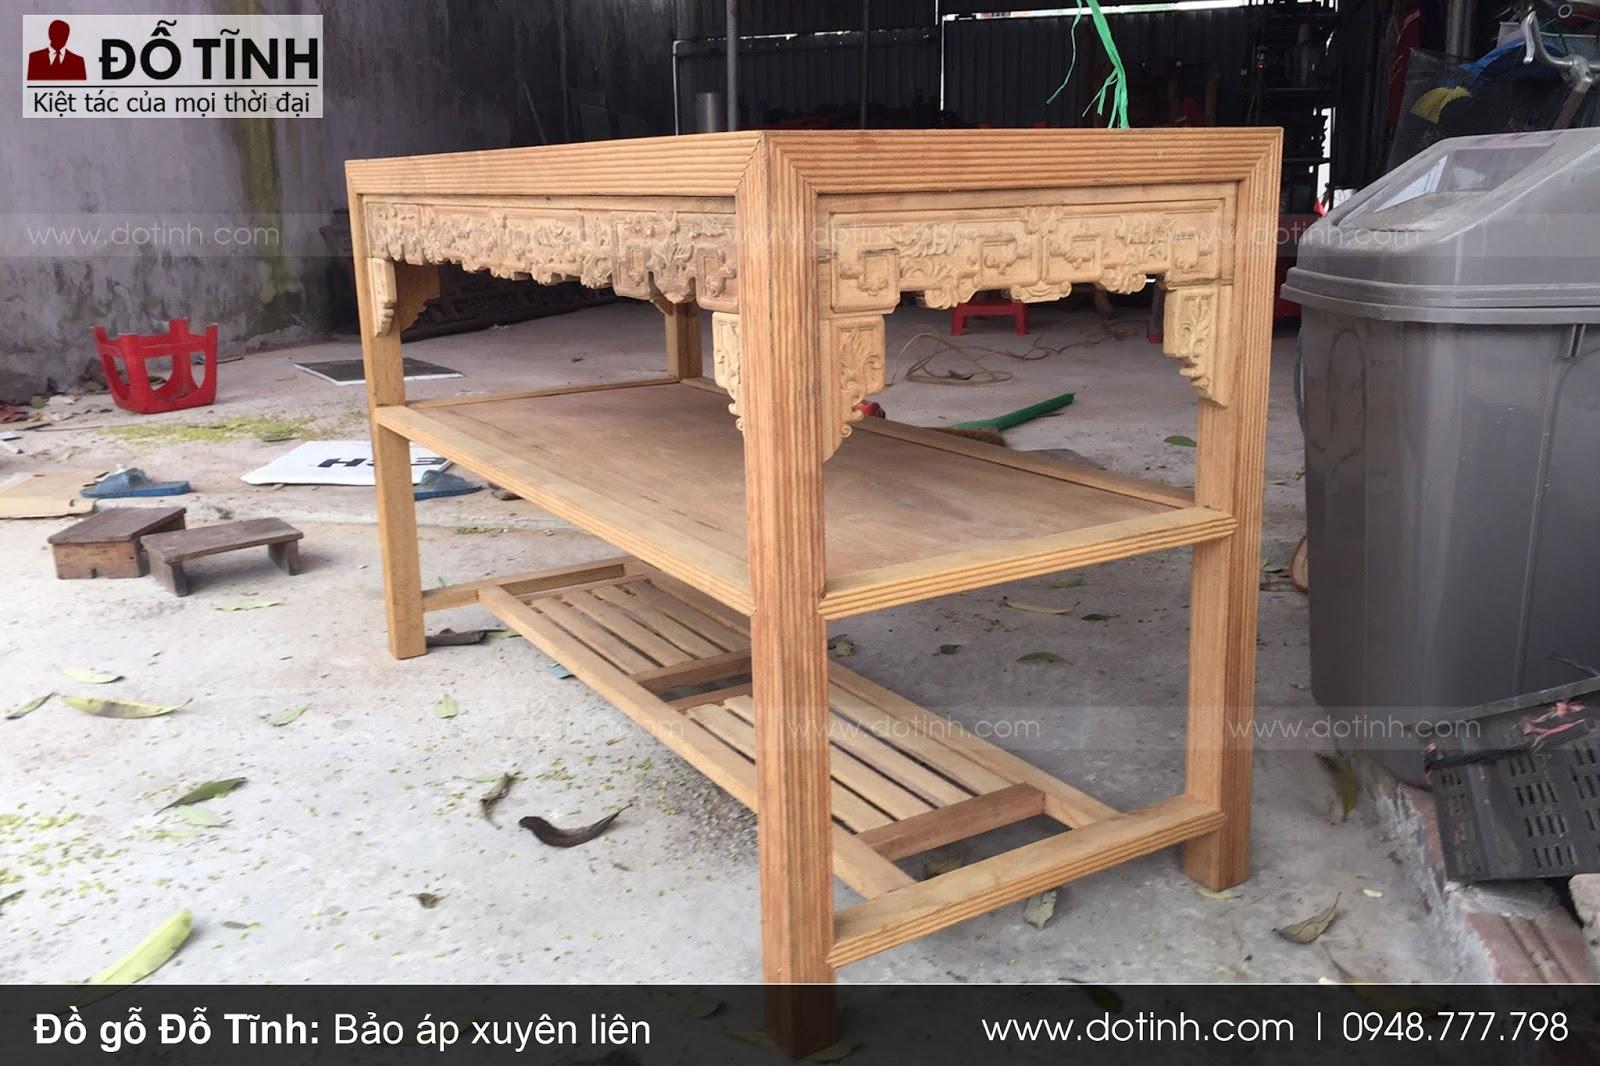 Kiểm tra chất liệu gỗ trường kỷ trước khi mua (Ảnh: Dotinh.com)